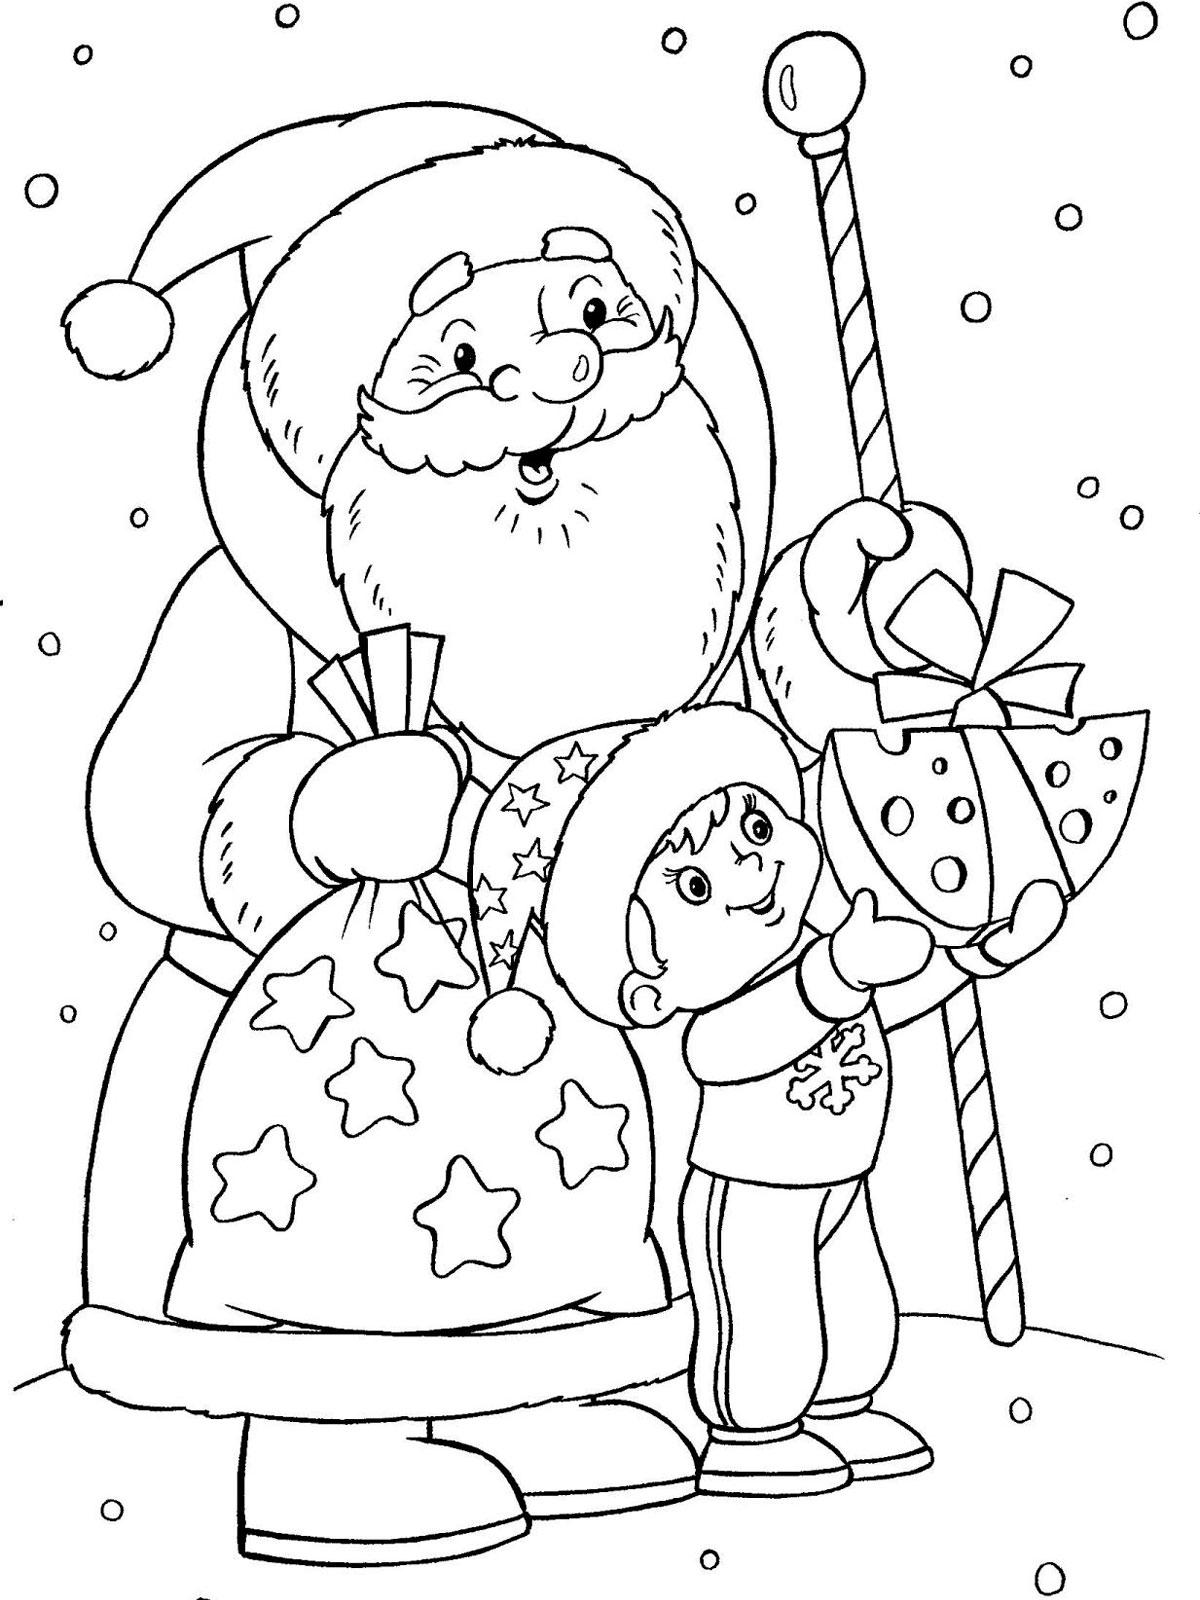 Ра�к�а�ка Дед Мо�оз и Снег��о�ка Ска�а�� Ра�пе�а�а��